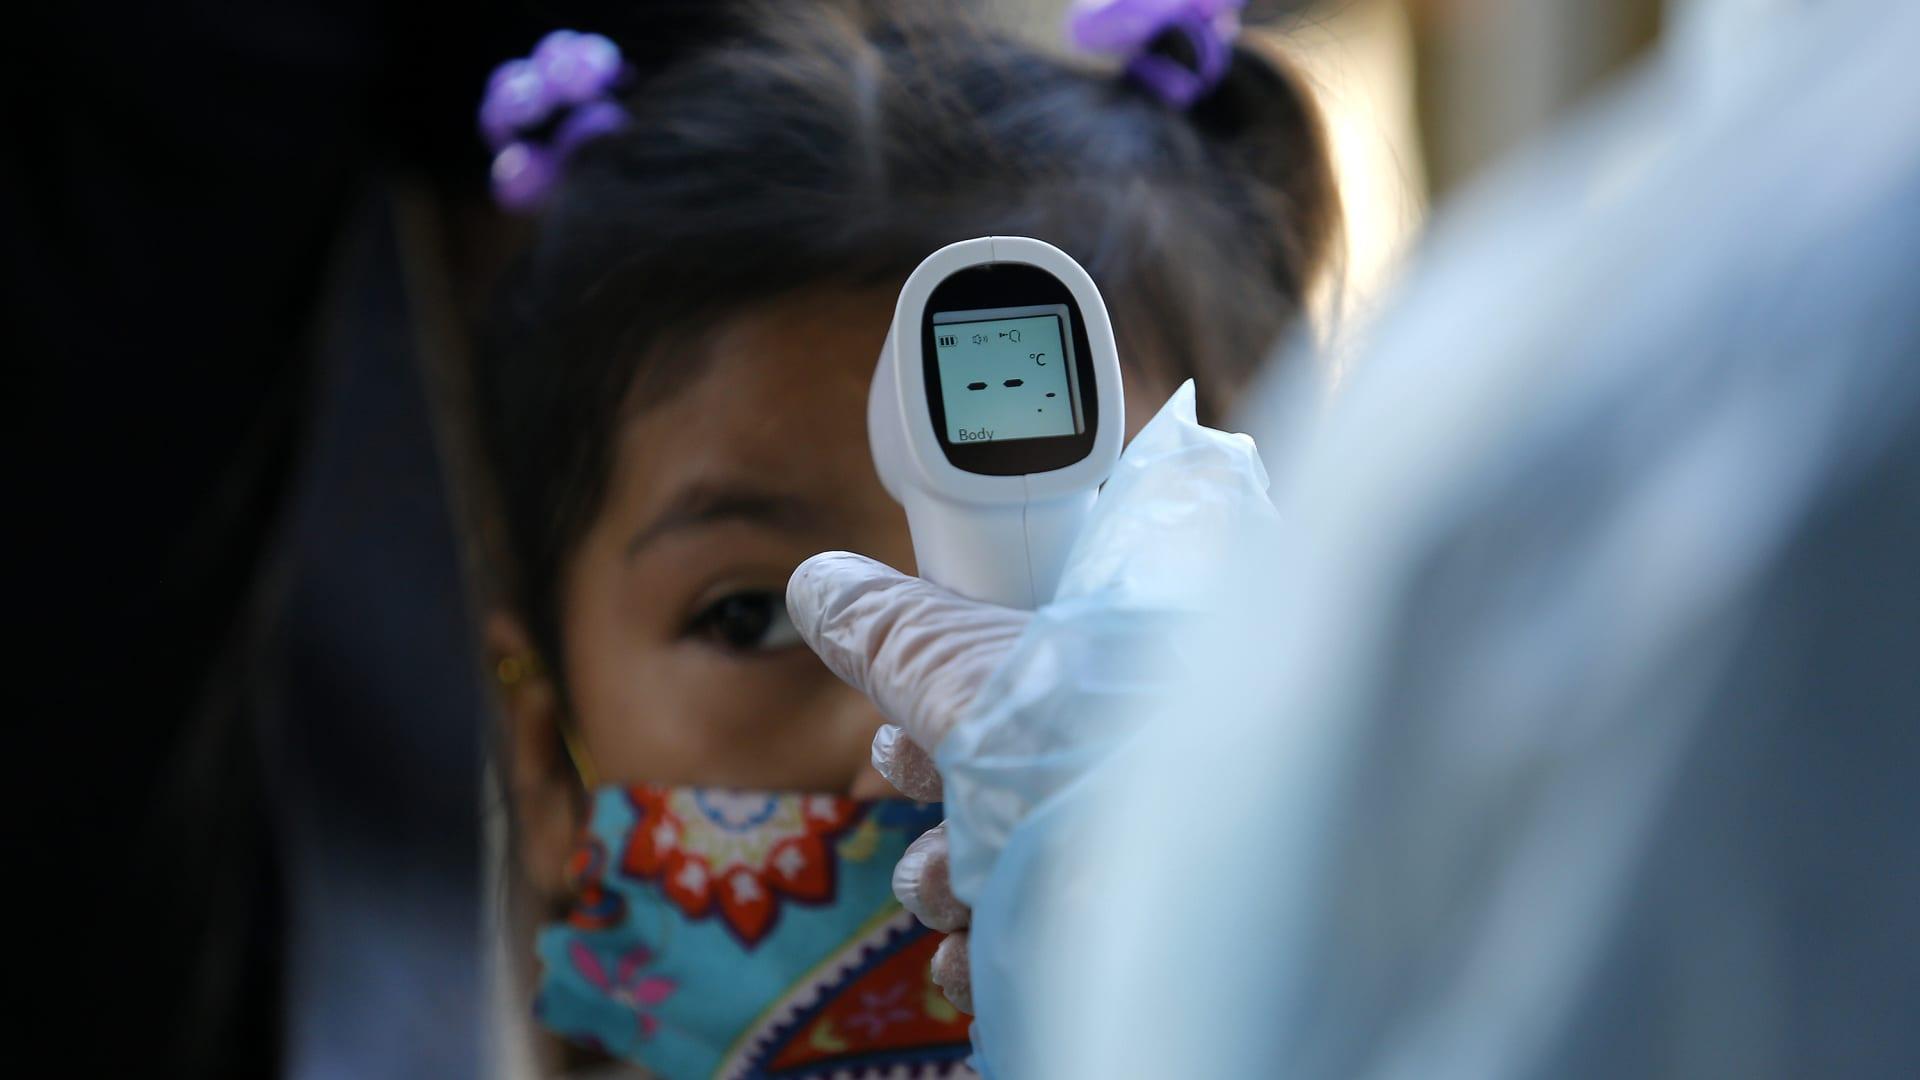 مرض غامض يصيب الأطفال قد يرتبط بفيروس كورونا.. إليكم أعراضه